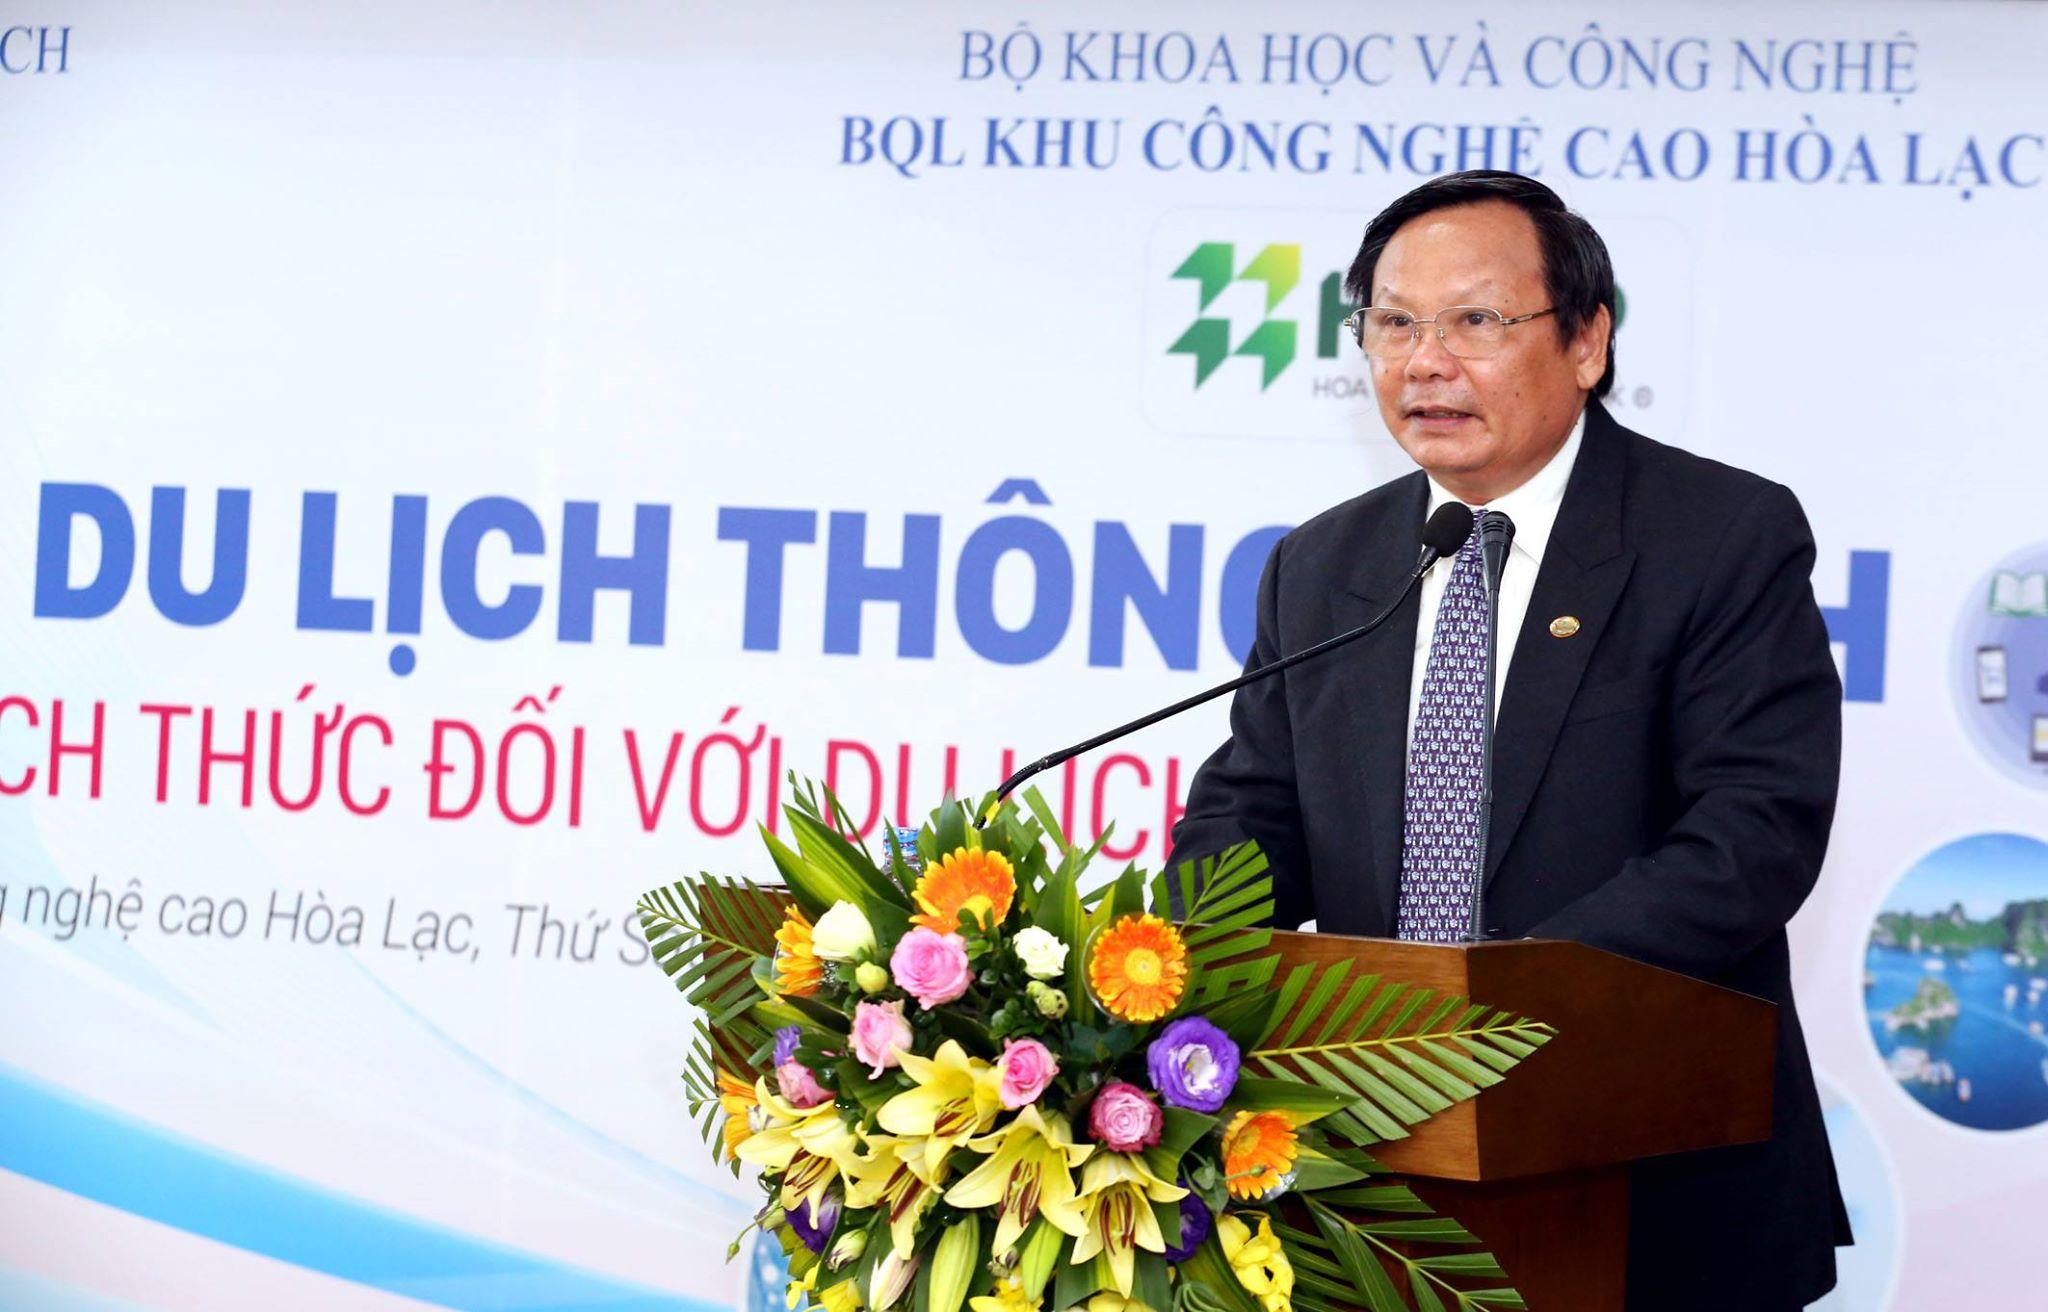 Nguyễn Văn Tuấn, Tổng cục trưởng Tổng cục Du lịch phát biểu tại hội thảo.